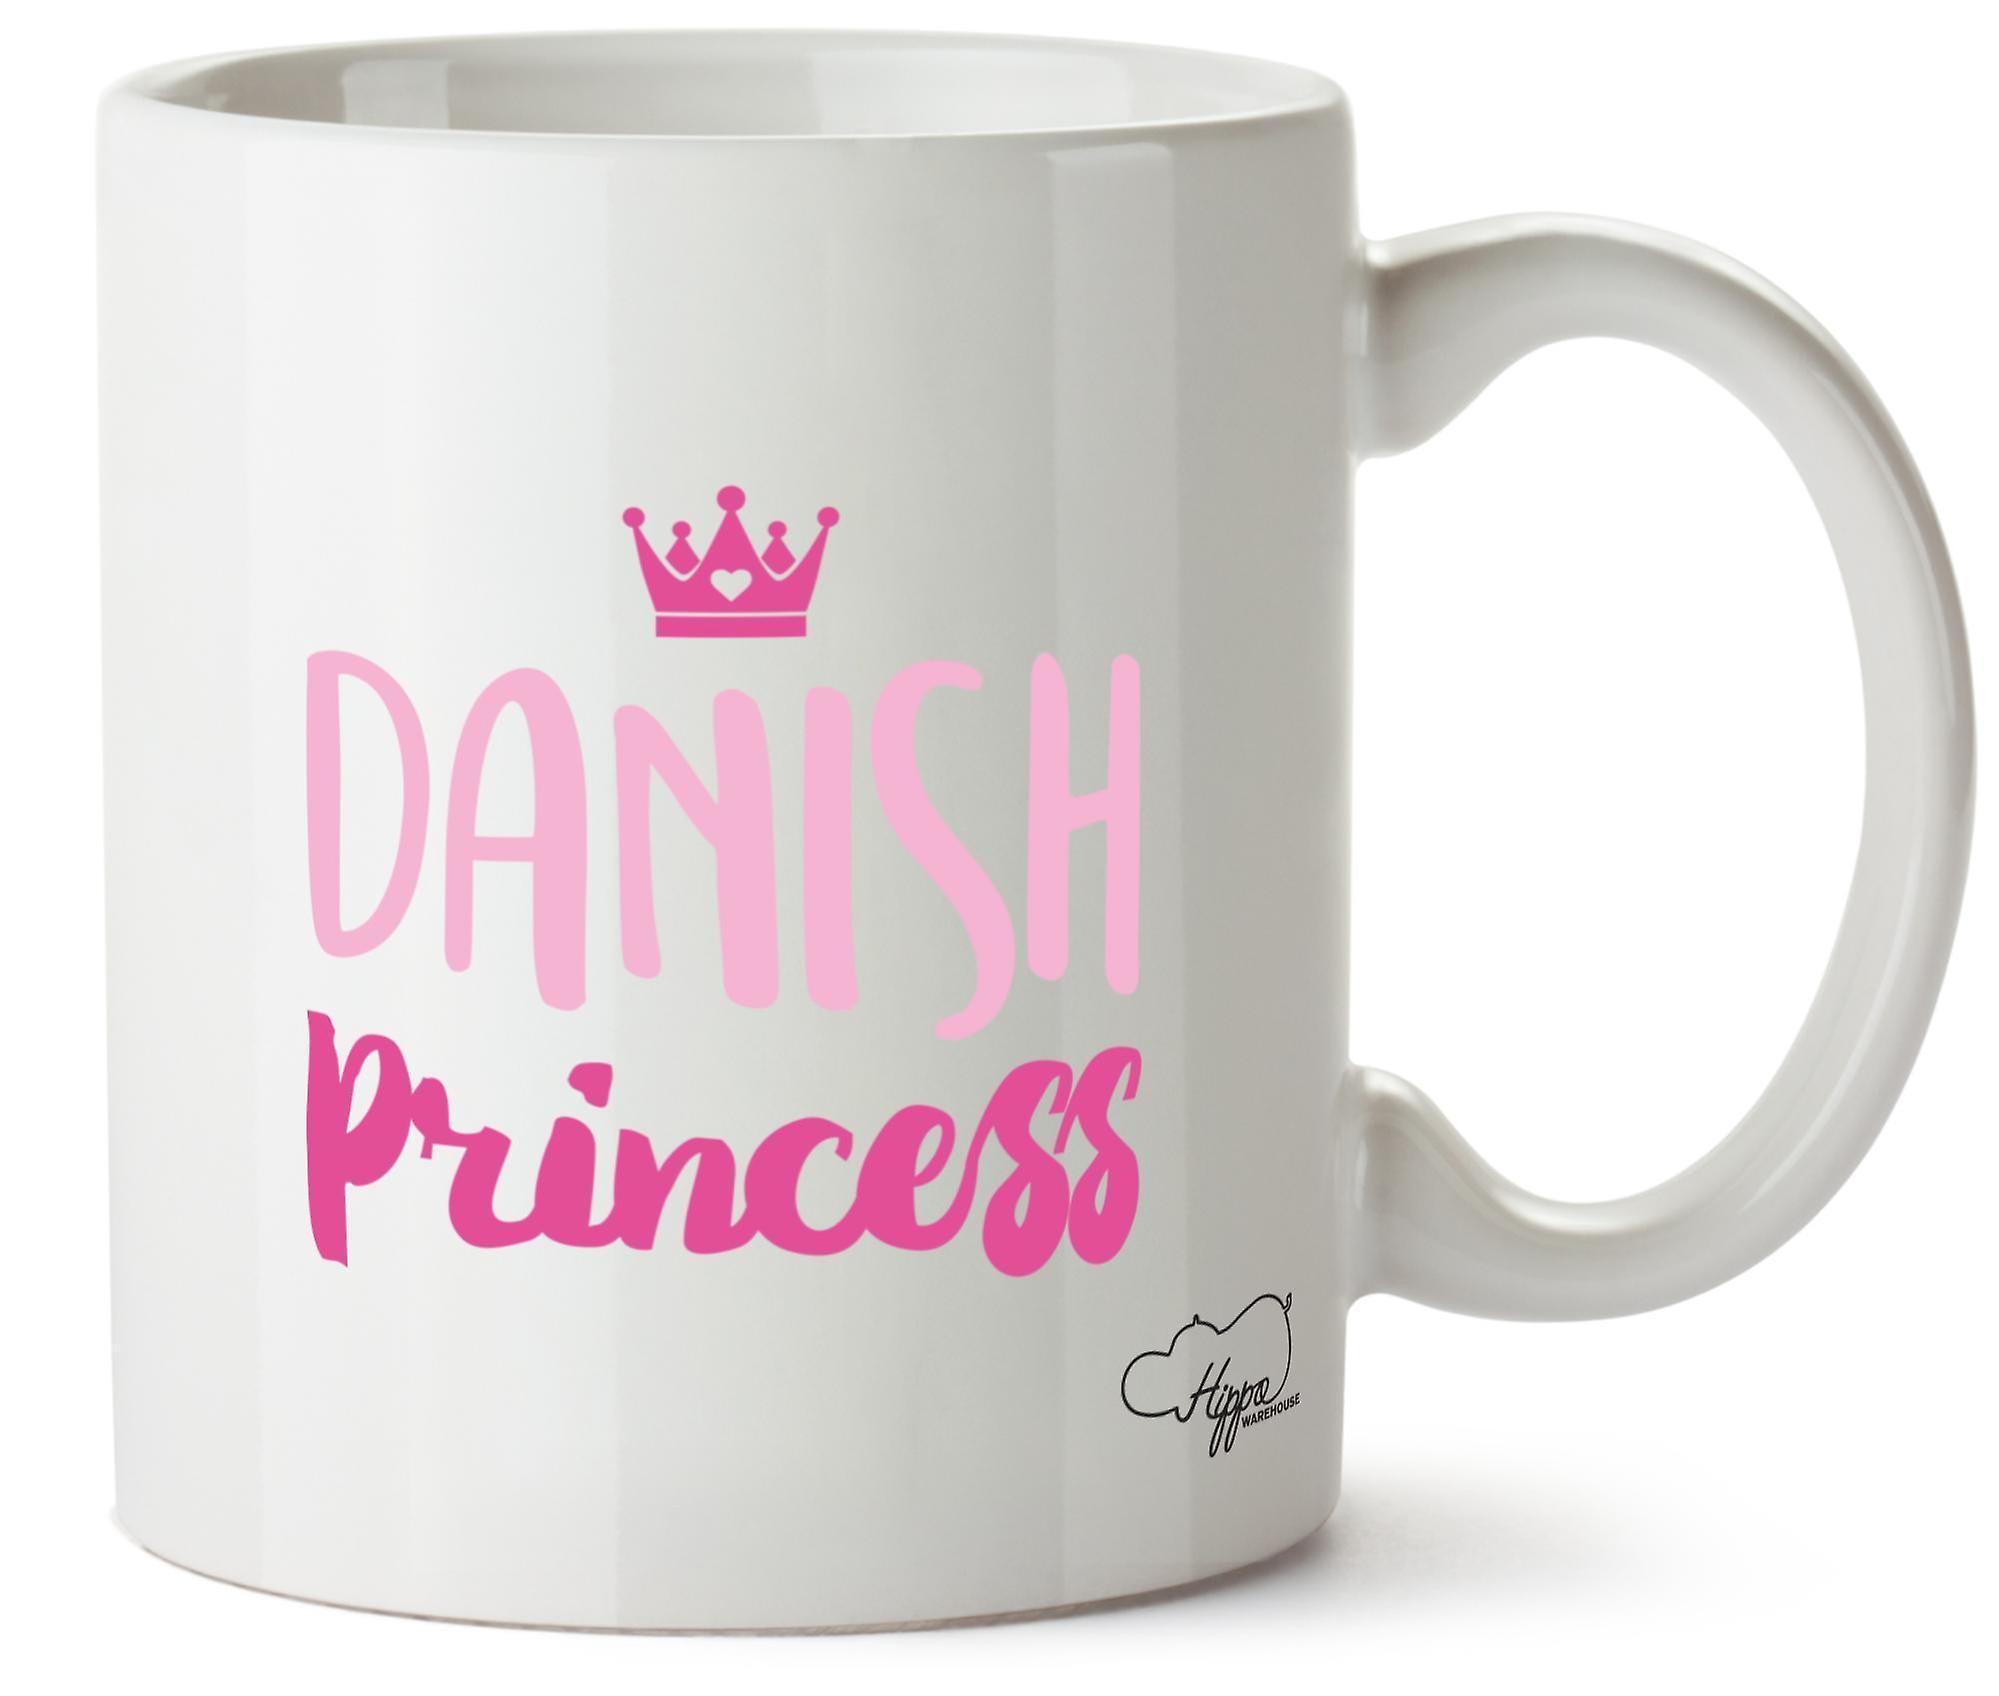 Датская принцесса Hippowarehouse напечатаны Кубка керамическая кружка 10oz